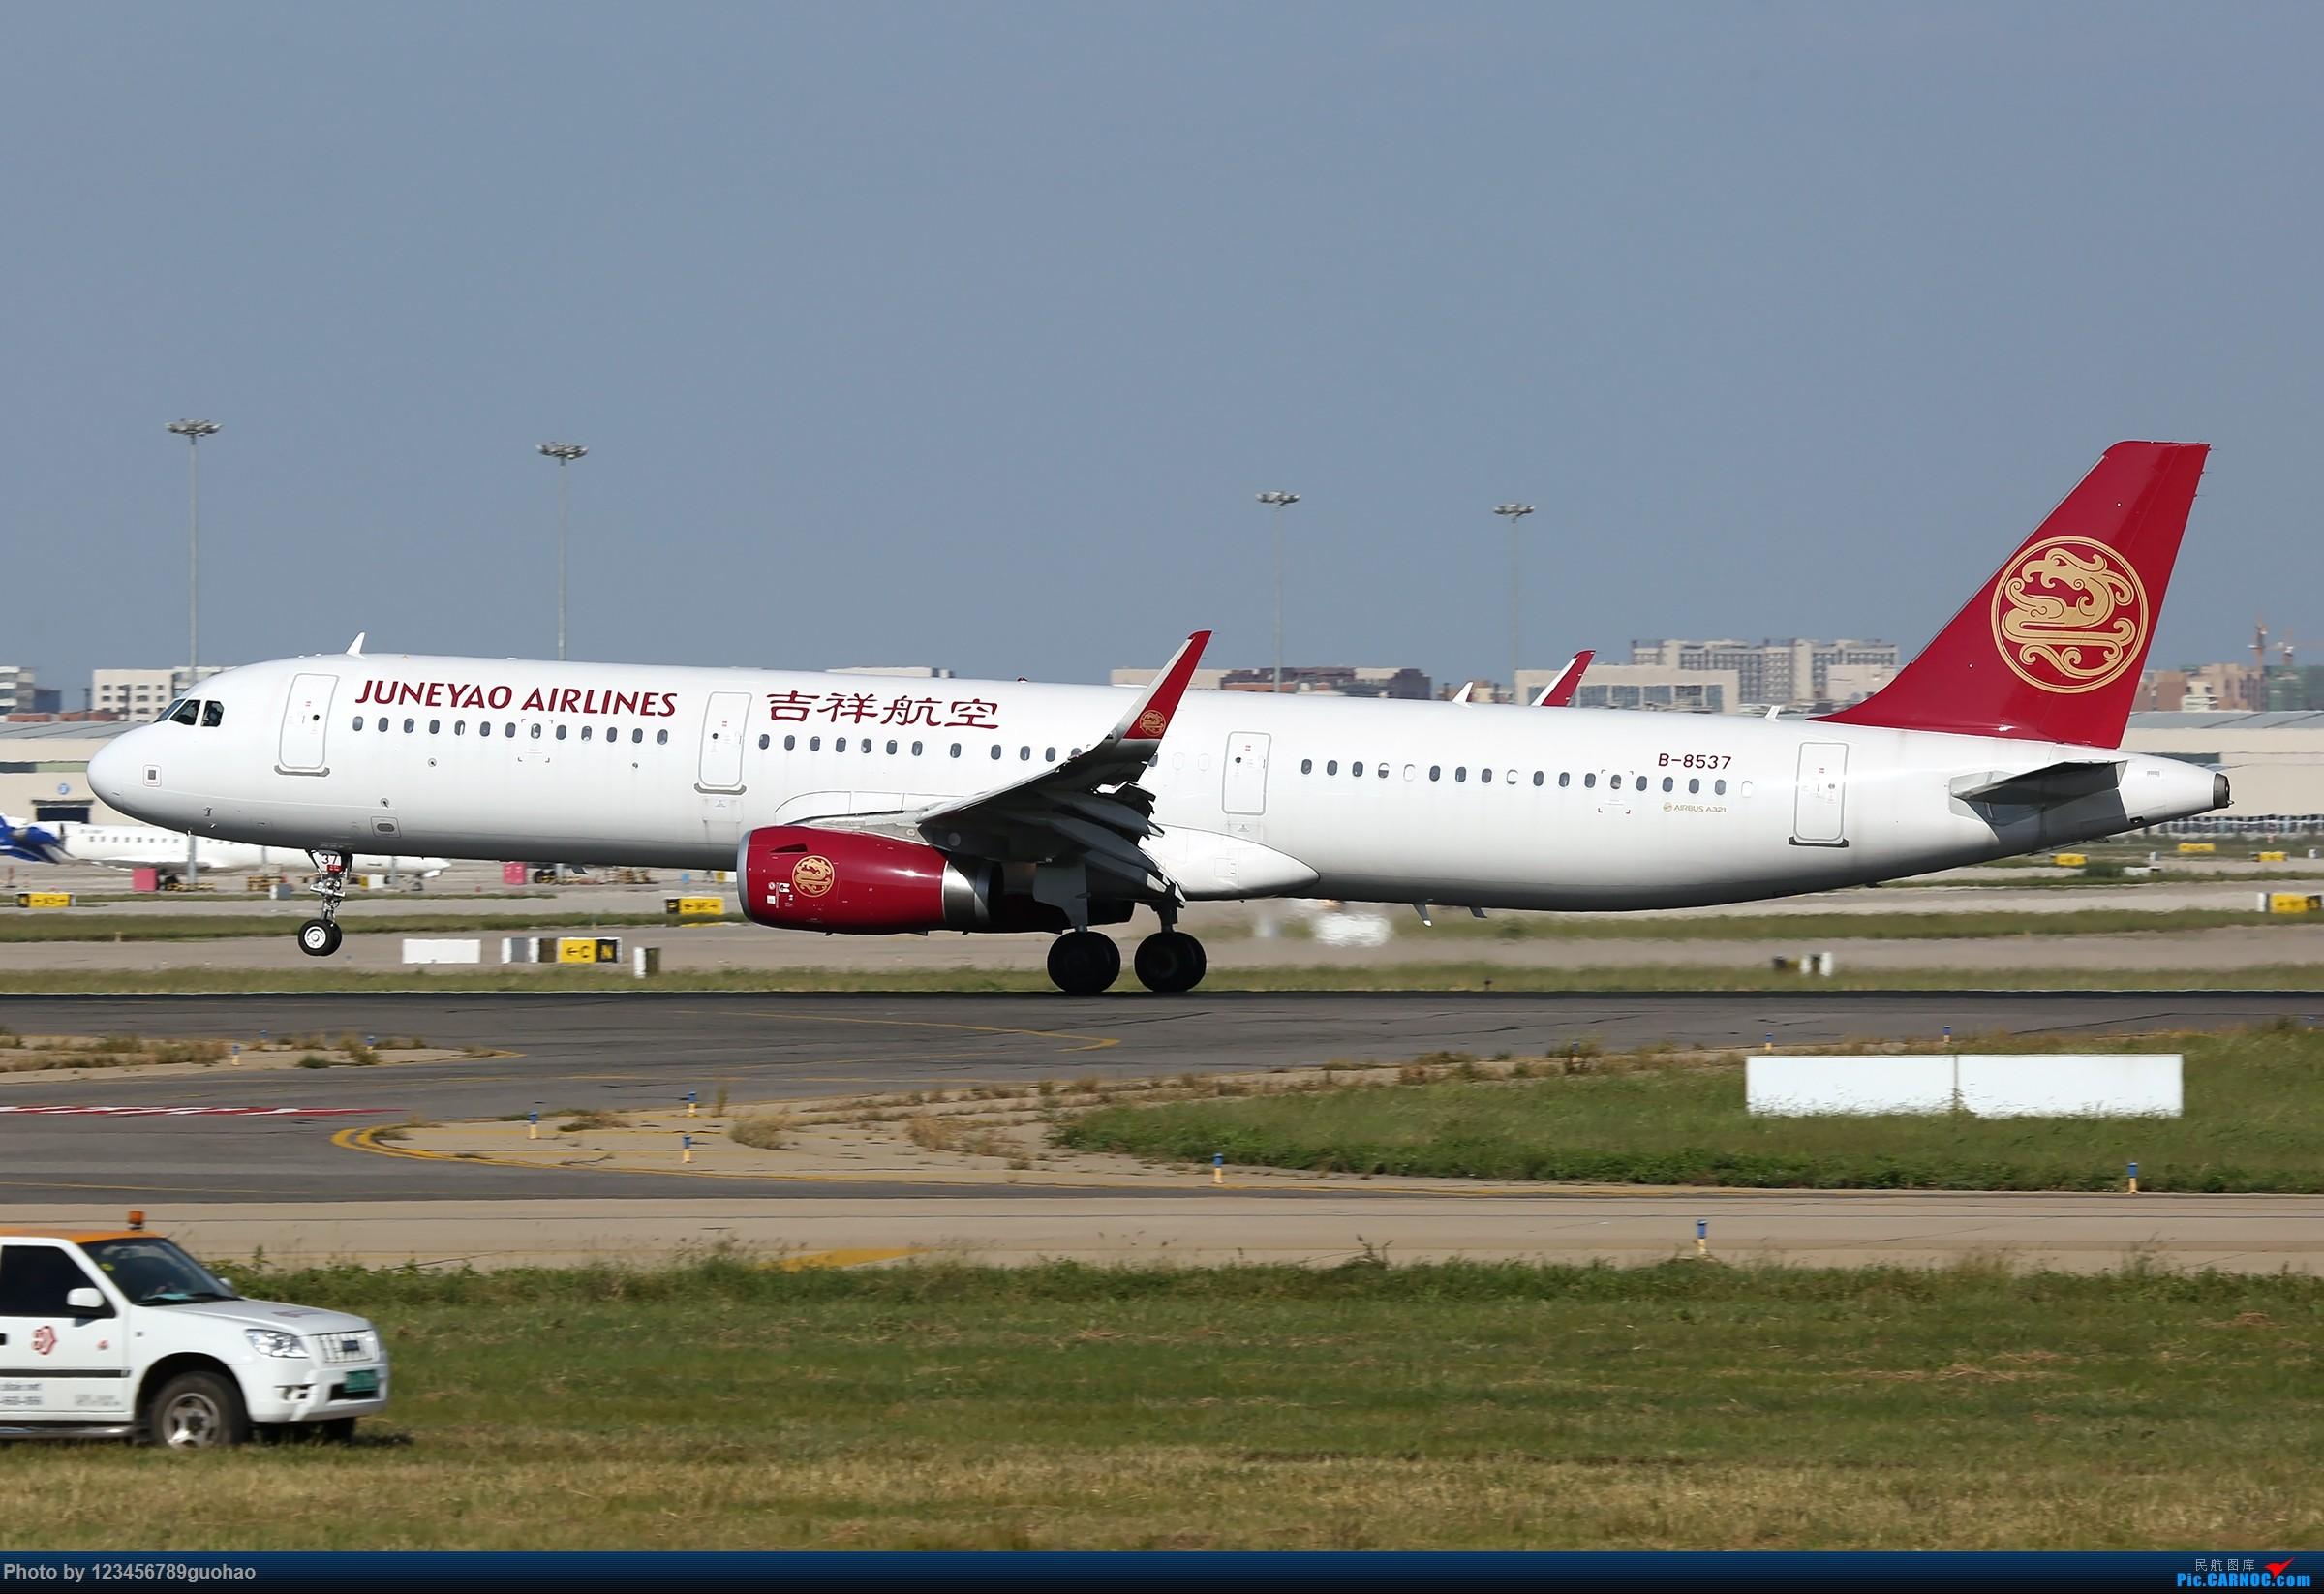 Re:[原创]TSN多图-后脚着地 AIRBUS A321-200 B-8537 天津滨海国际机场